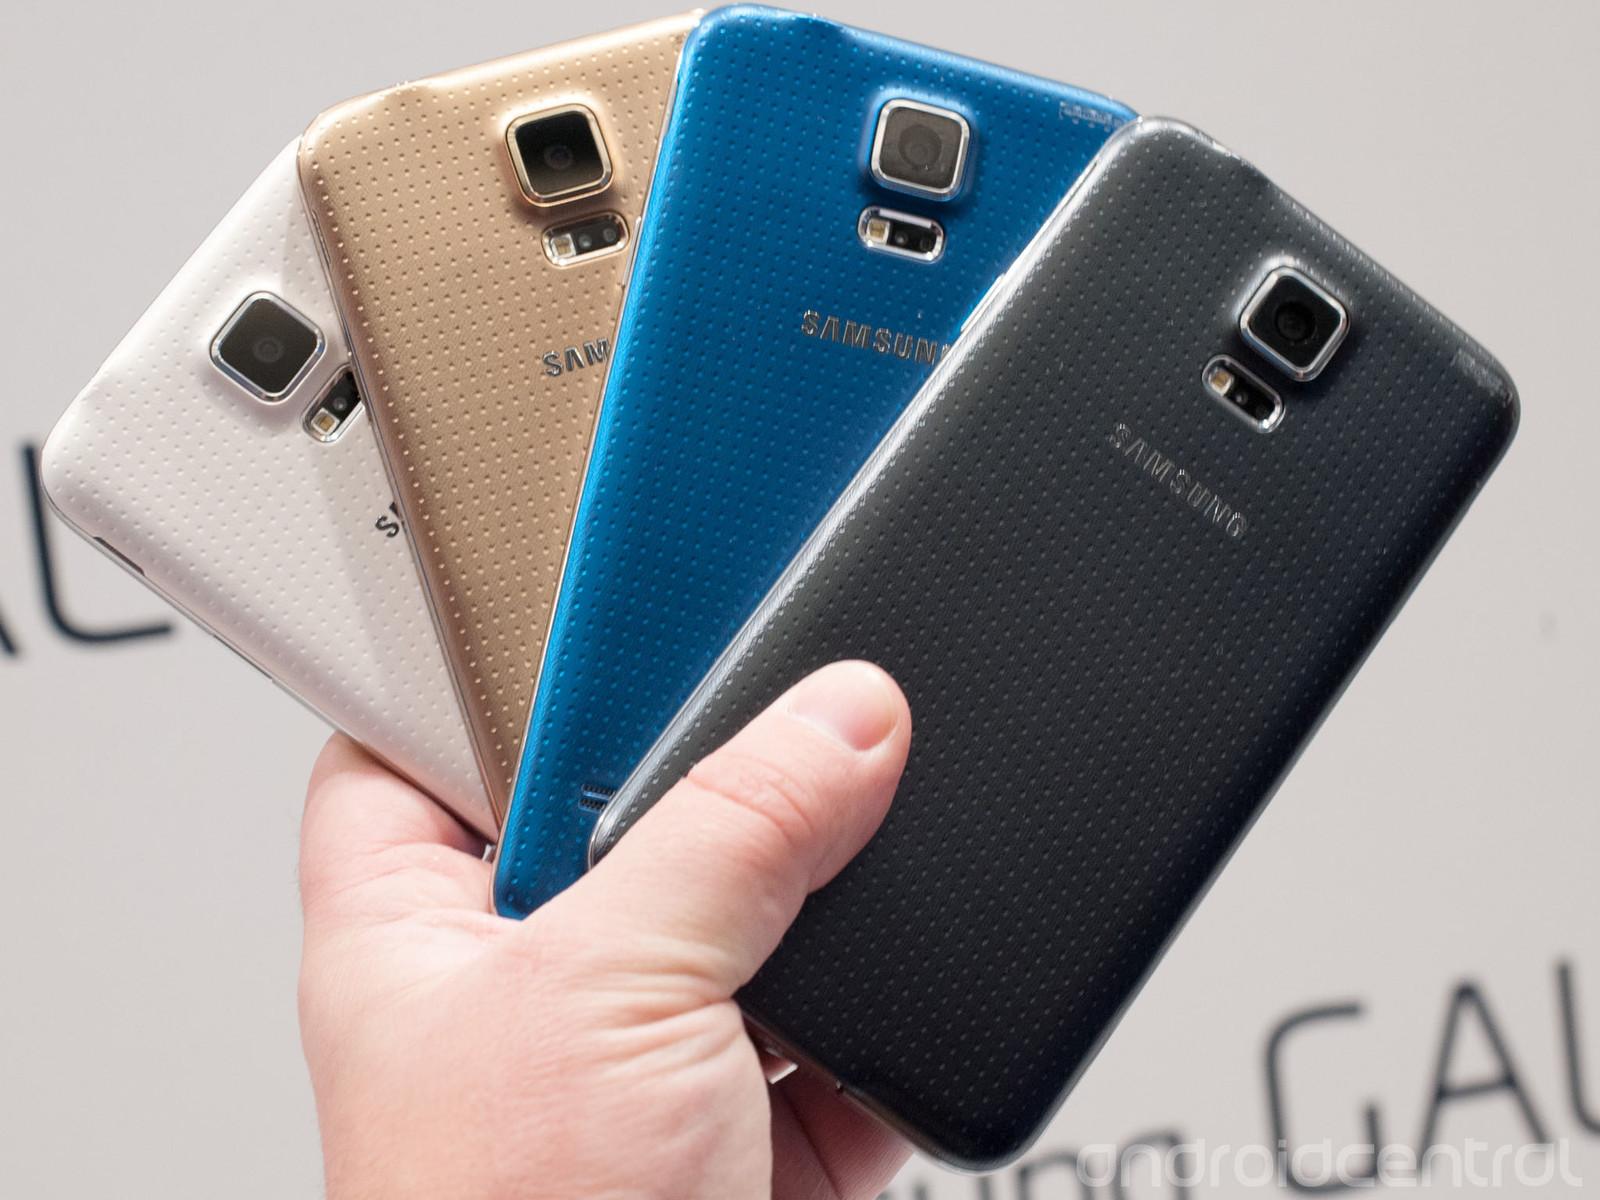 Foto Samsung Galaxy S5 nga çdo pozicion i mundshëm